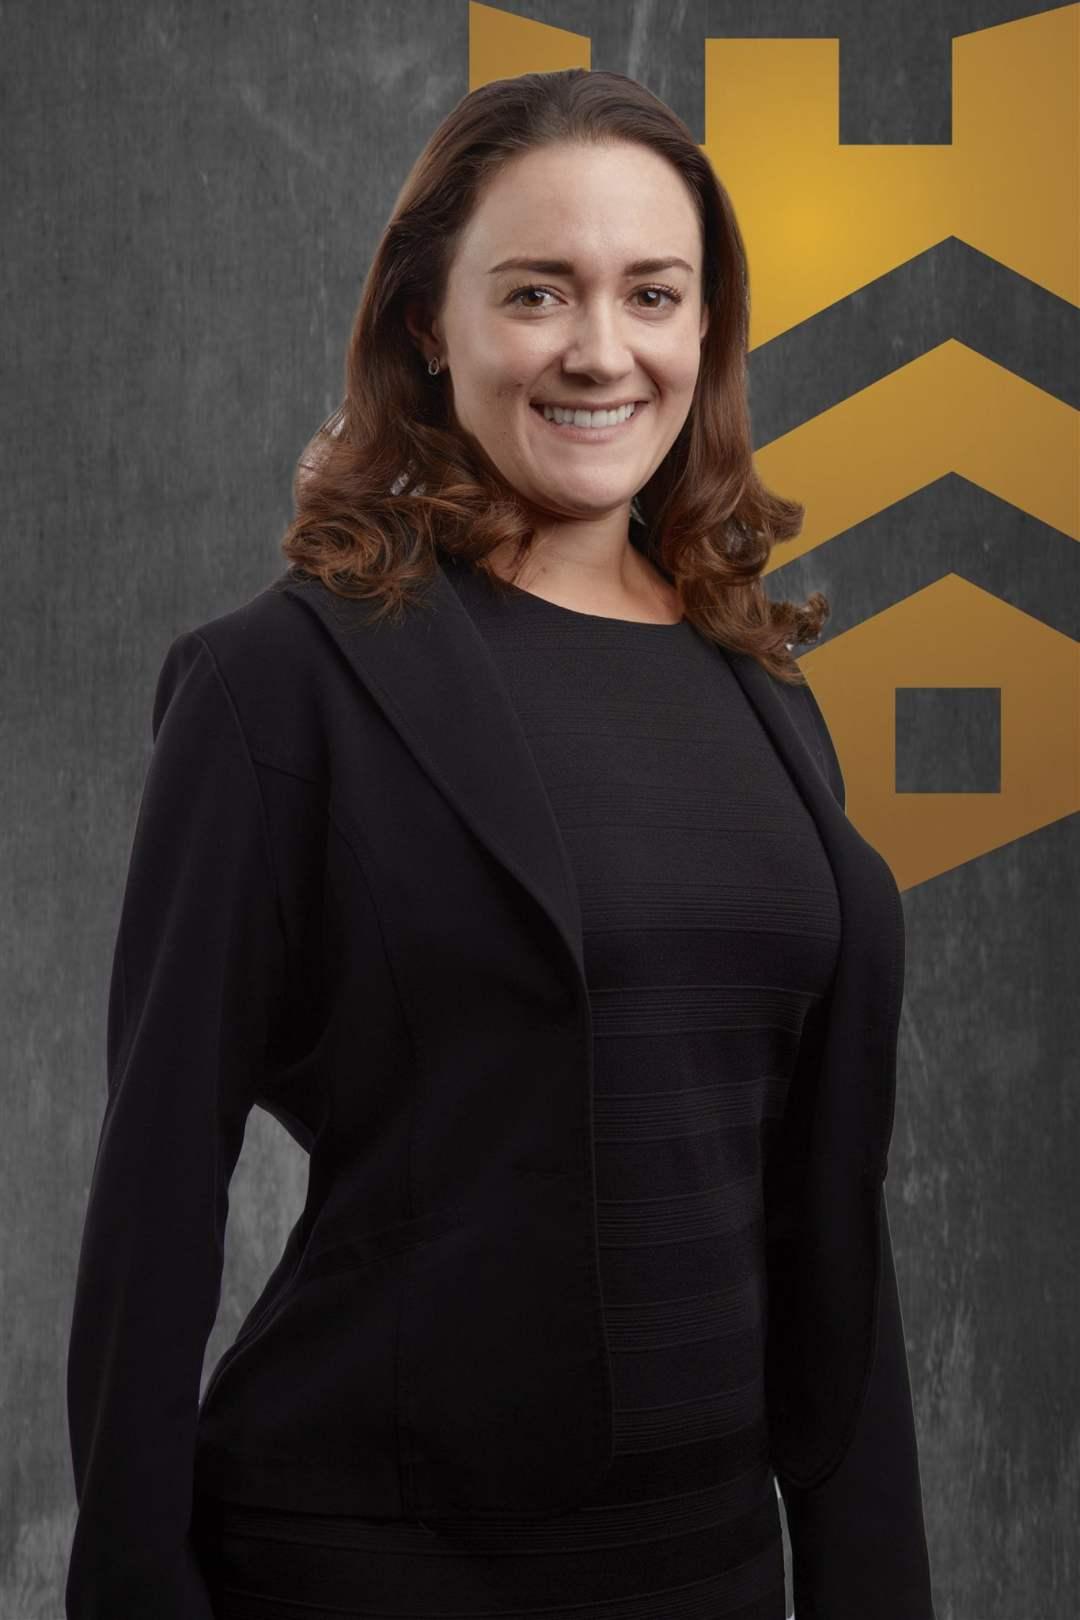 Sarah Haynie